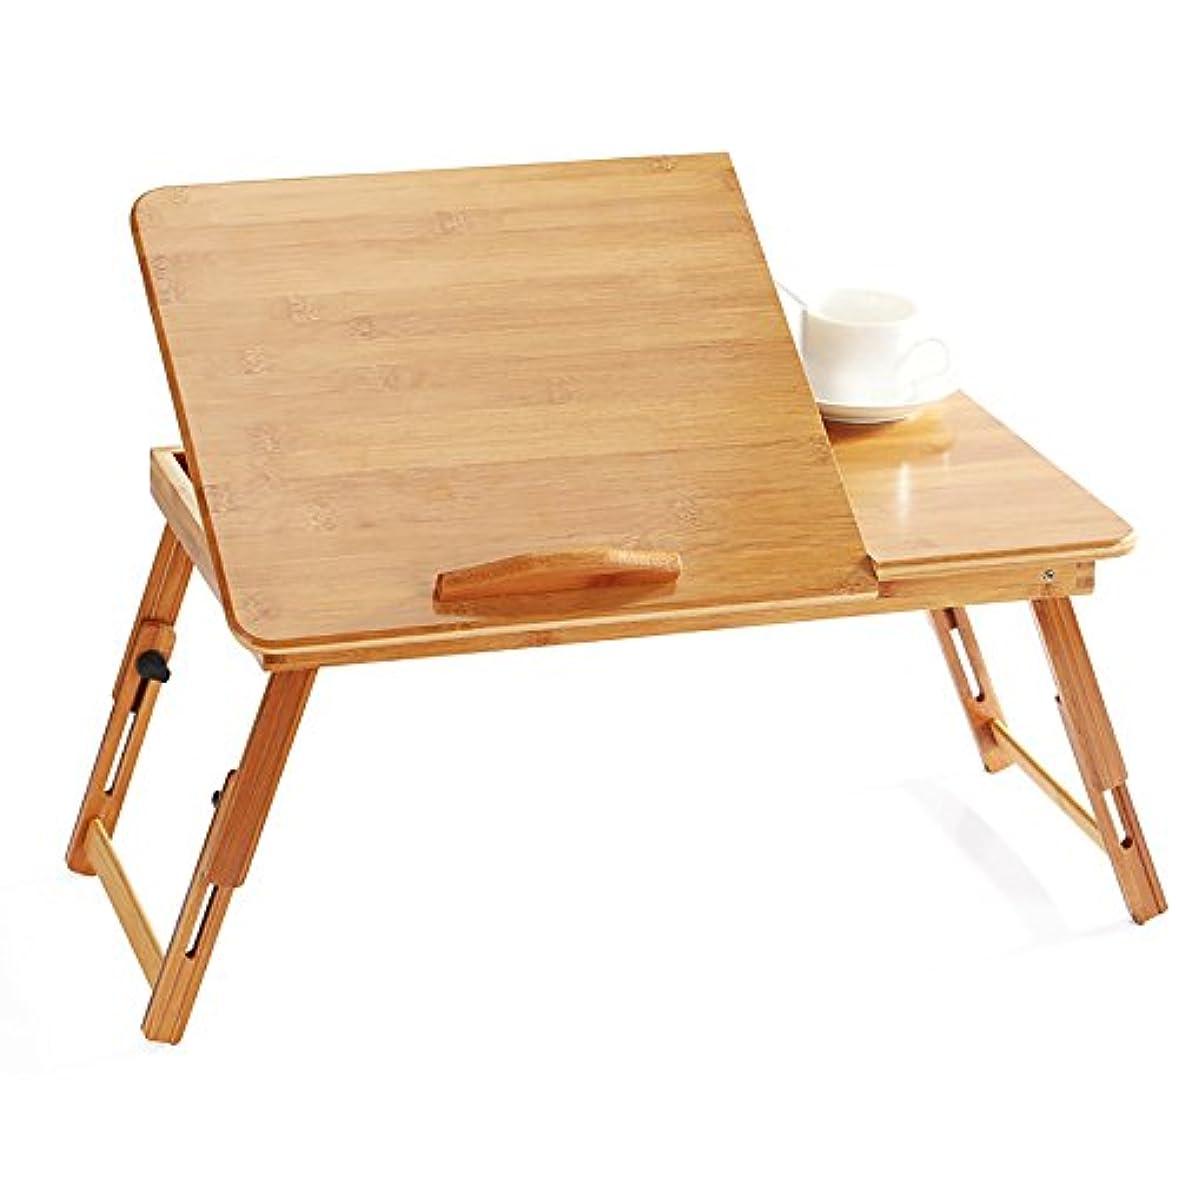 アニメーション蛇行咲く(小さな幸運)バンブーテーブル 折り畳みちゃぶ台 PCスタンド 天然竹製 50*30*30/55*35*30cm ベッドテーブル ミニテーブル 机 つくえ 軽量 コンパクト キャンプ アウトドア用 多機能